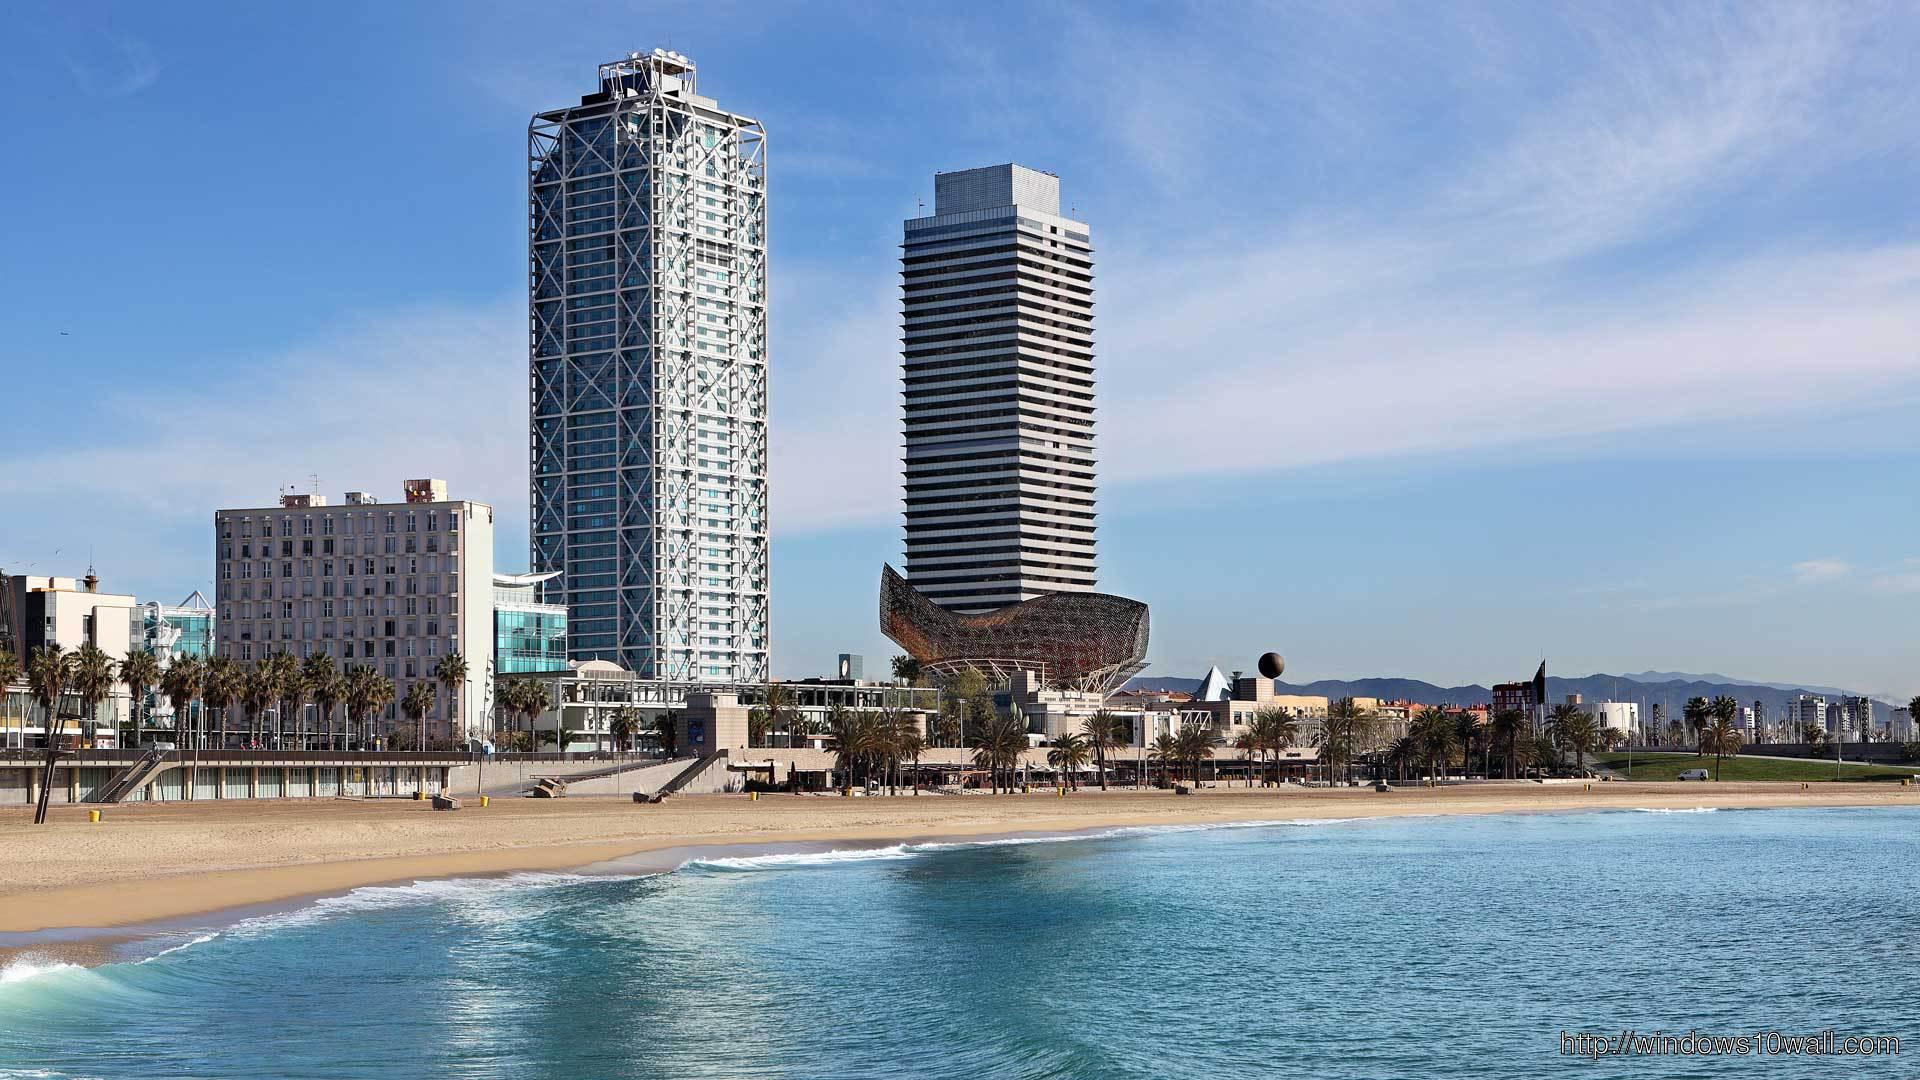 Barcelona Beach Hotels Travel Wallpaper